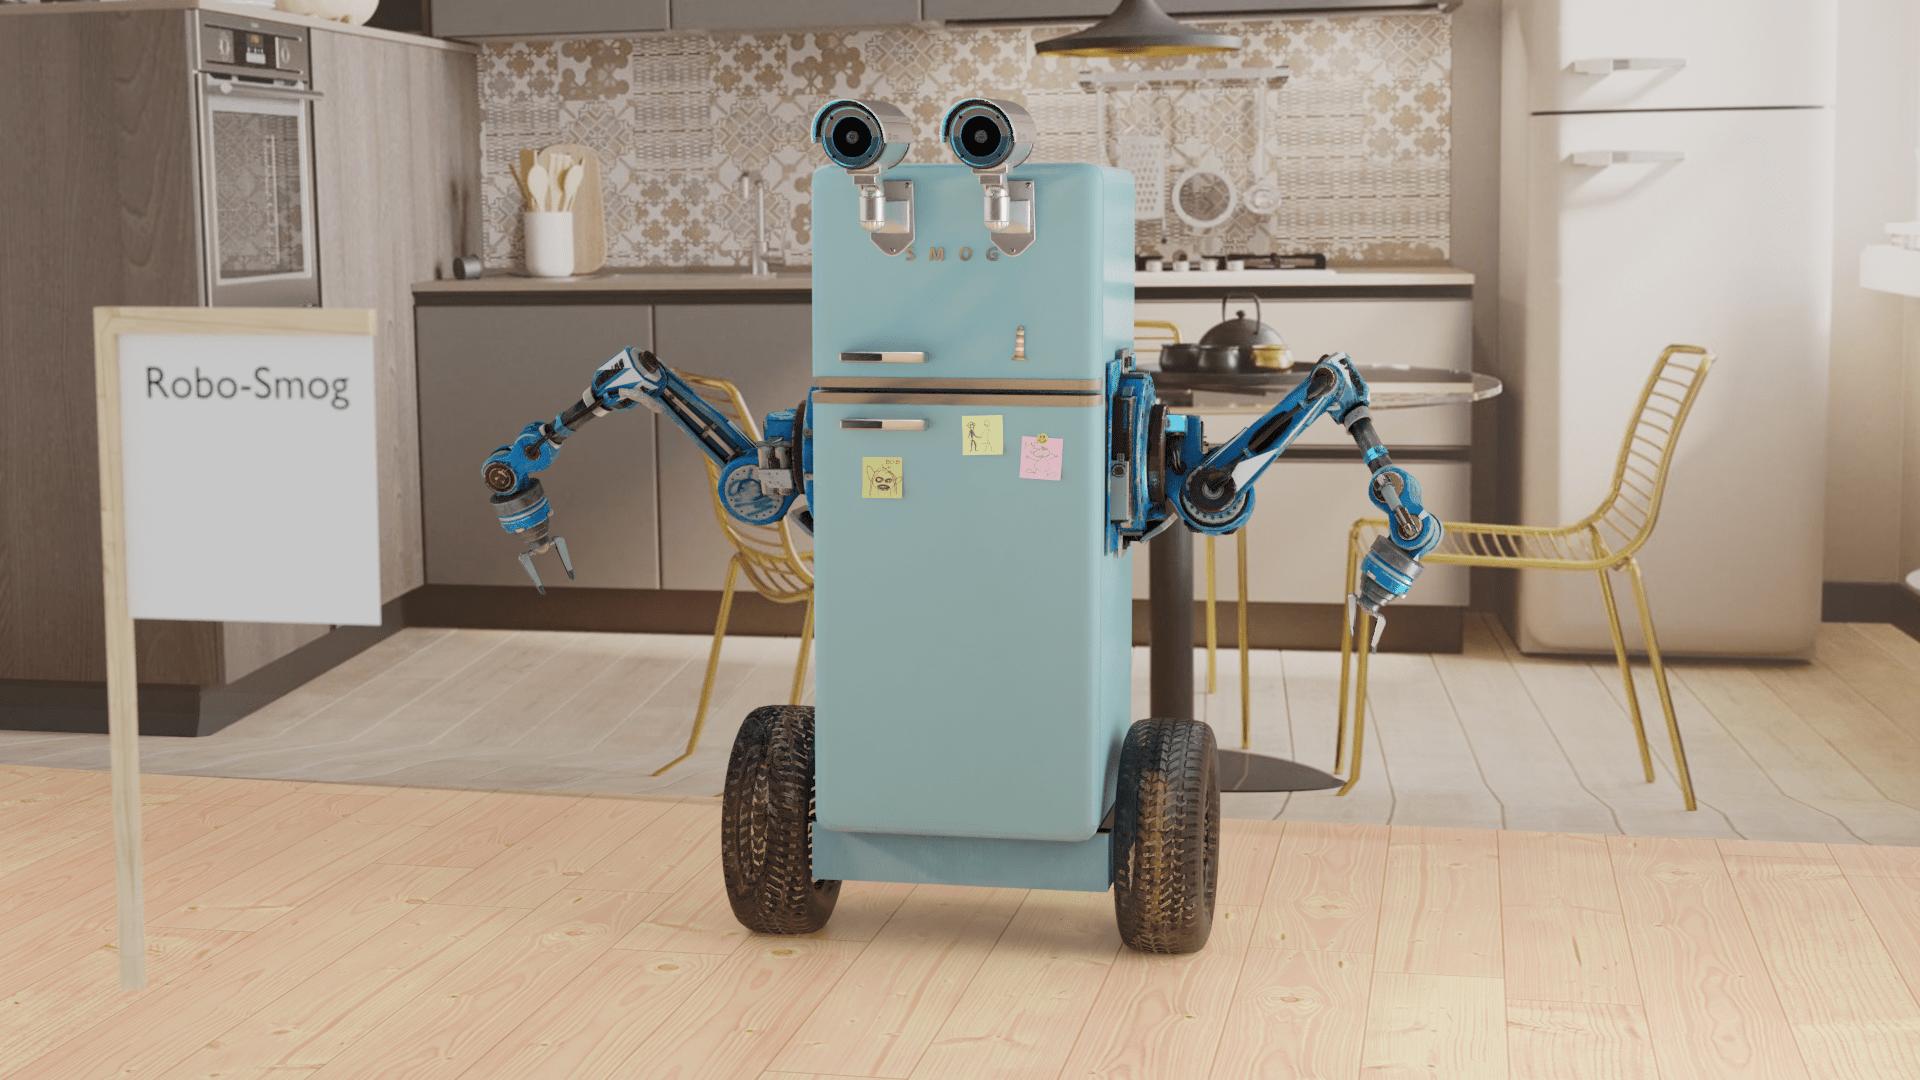 robo-smog